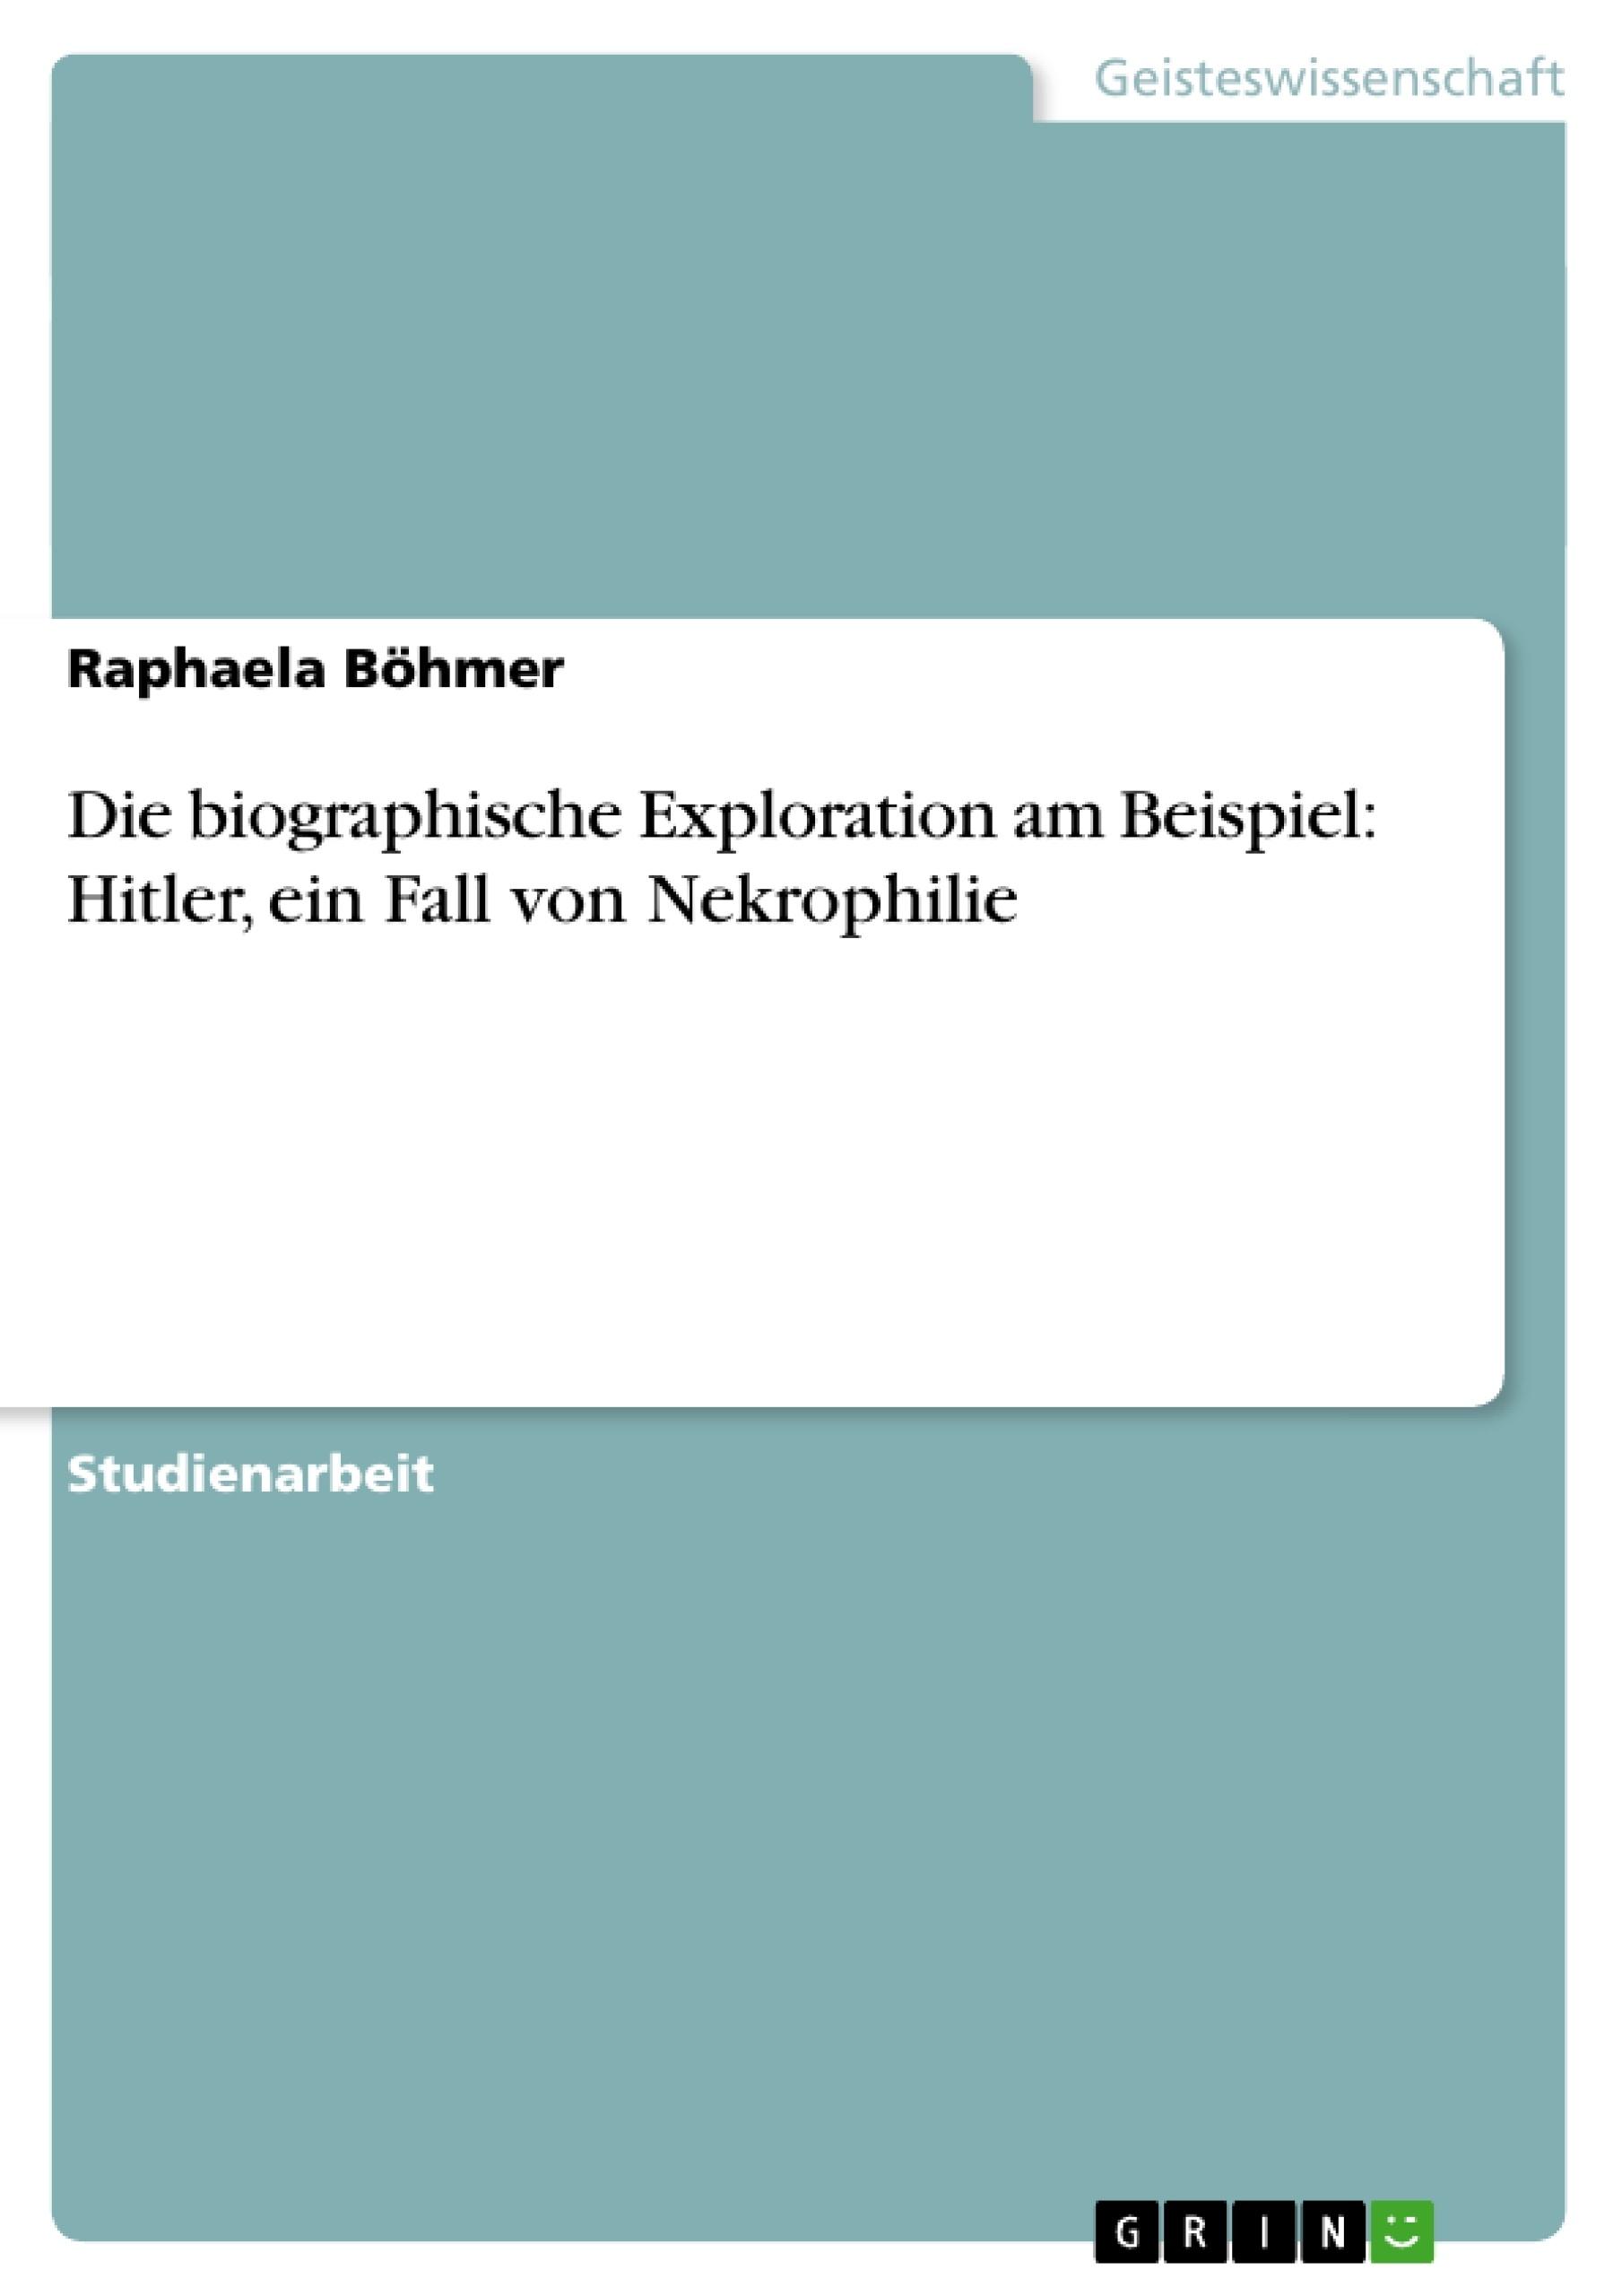 laden sie ihre eigenen arbeiten hoch geld verdienen und iphone x gewinnen - Hitlers Lebenslauf